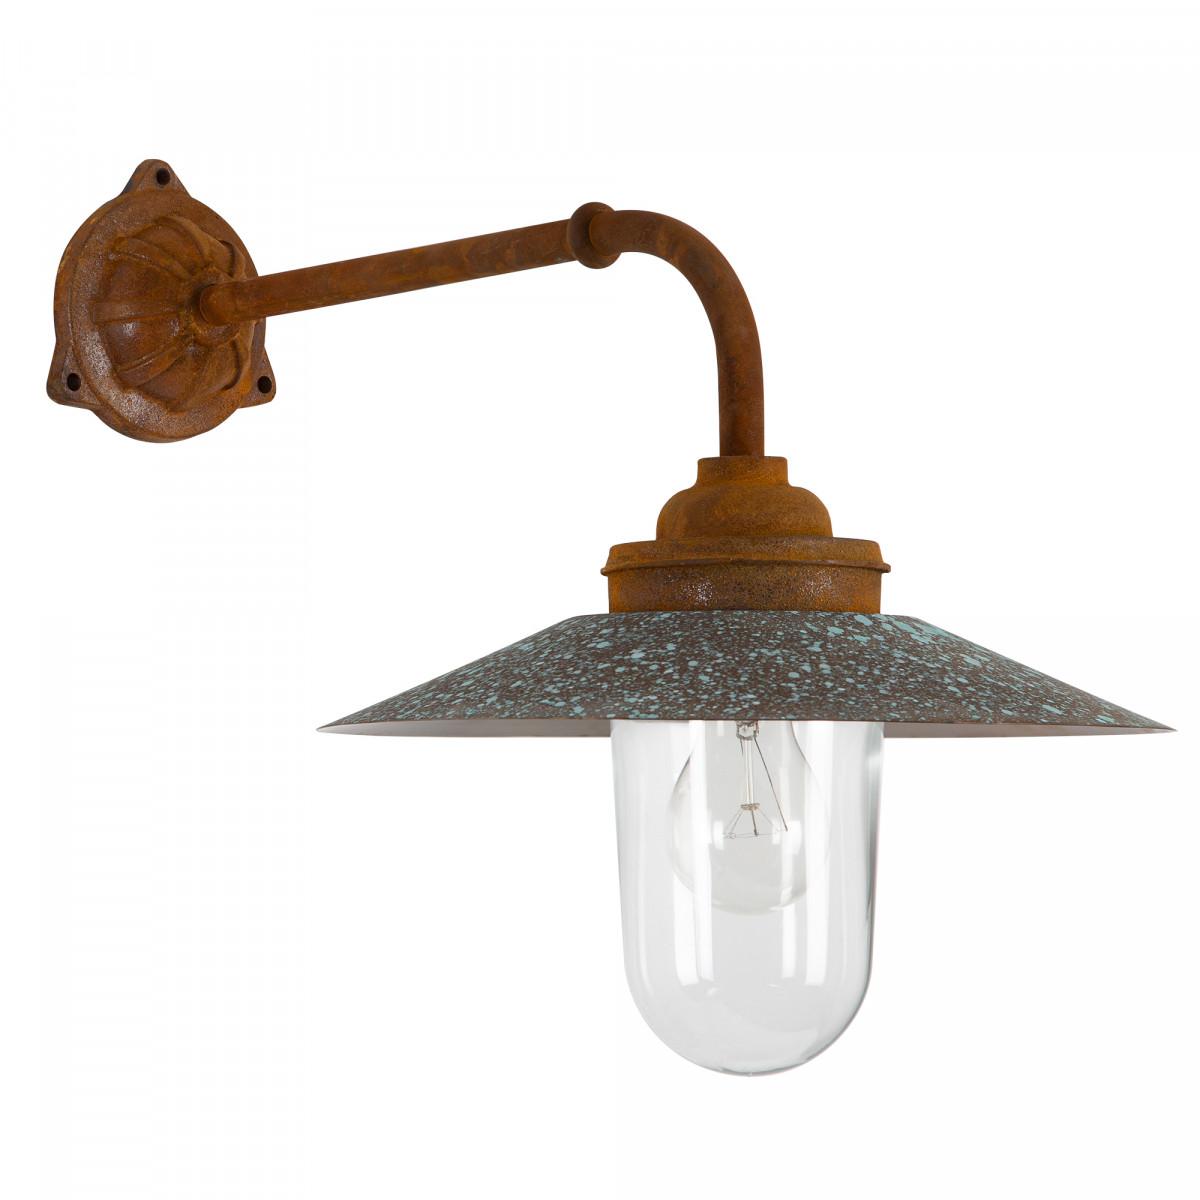 Gietijzeren Stallamp Provence buitenlamp Roest Koper